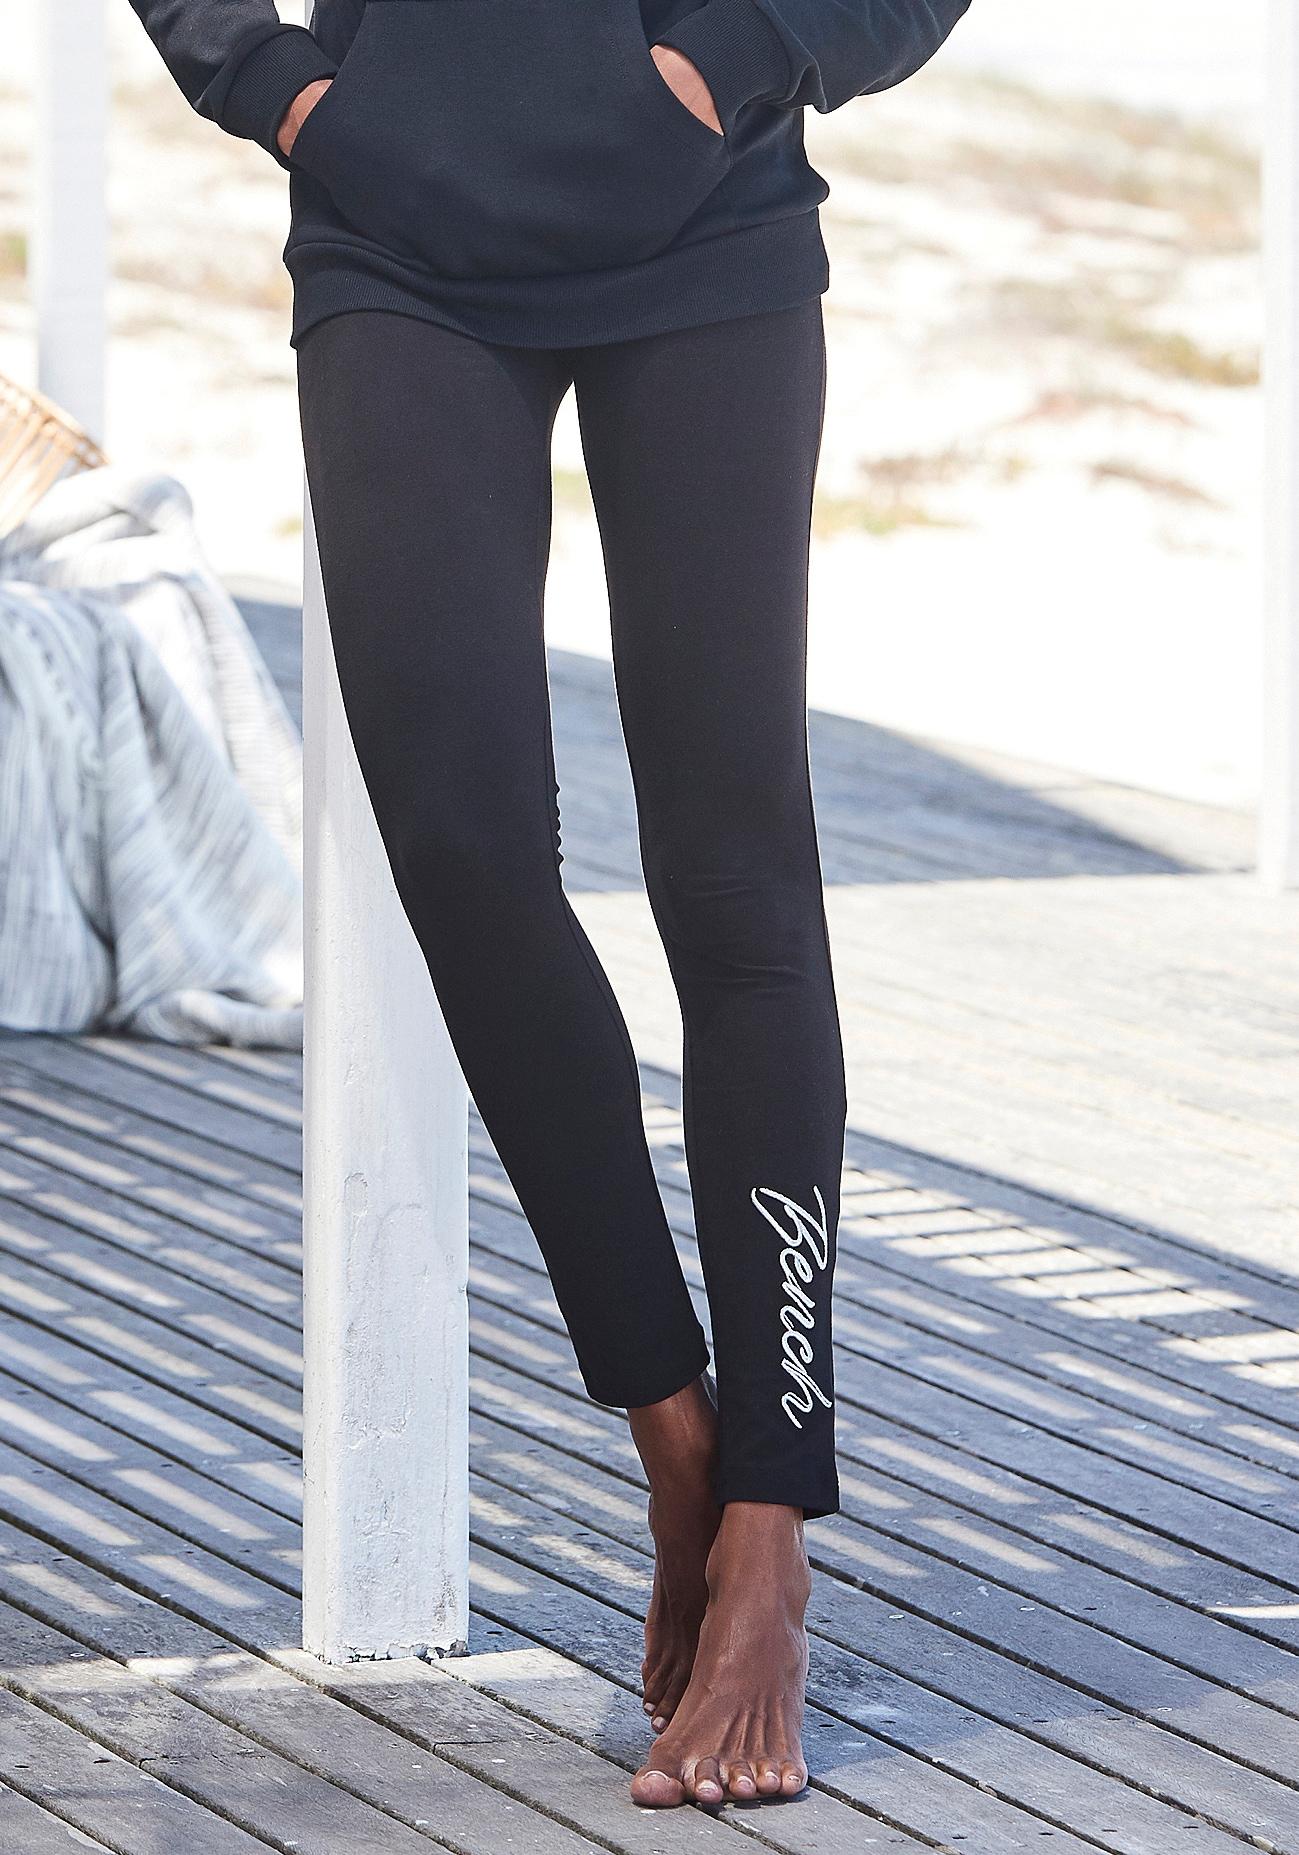 bench leggings Basic Leggings AKLBB880486996